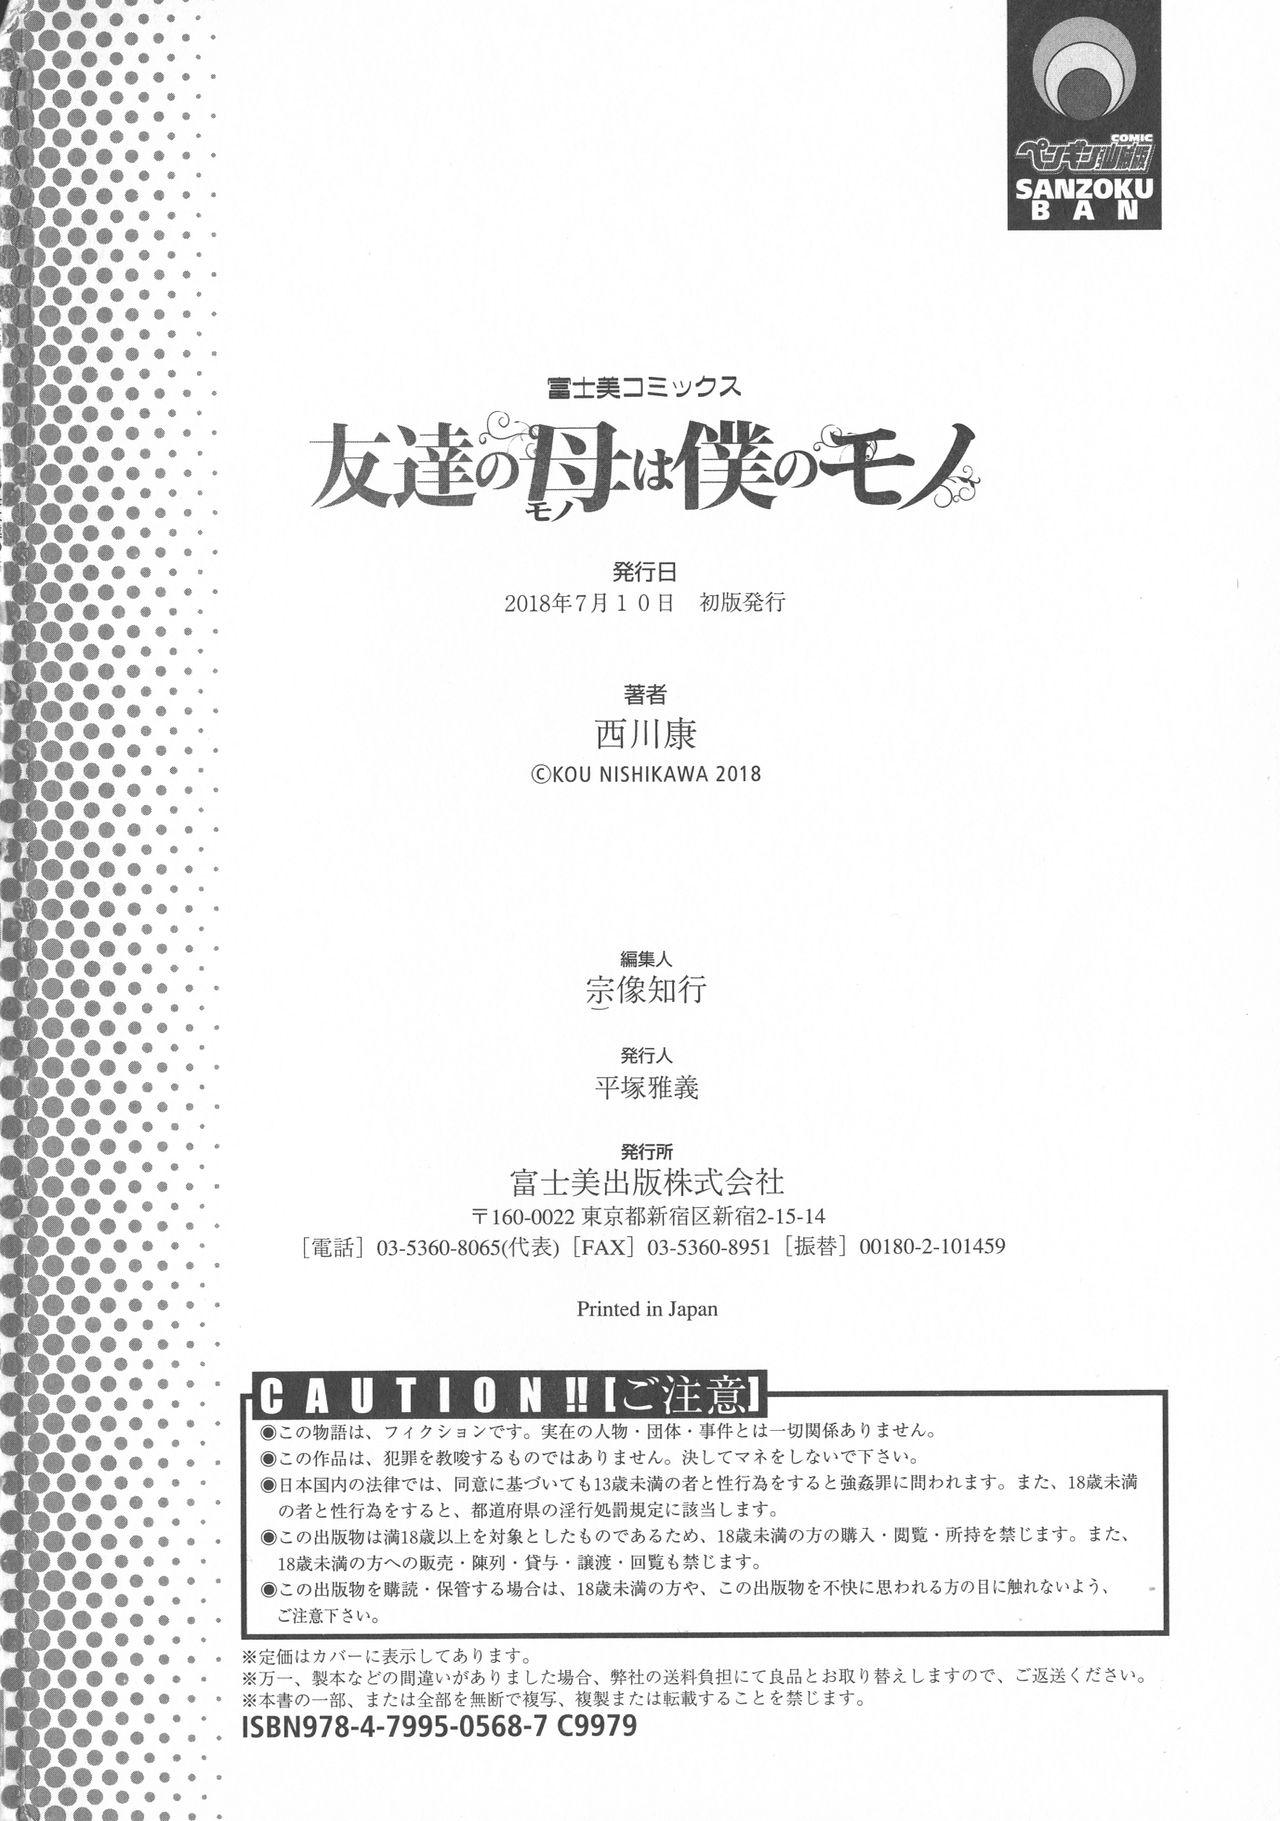 Tomodachi no Haha wa Boku no Mono - His Mother is My Love Hole 254